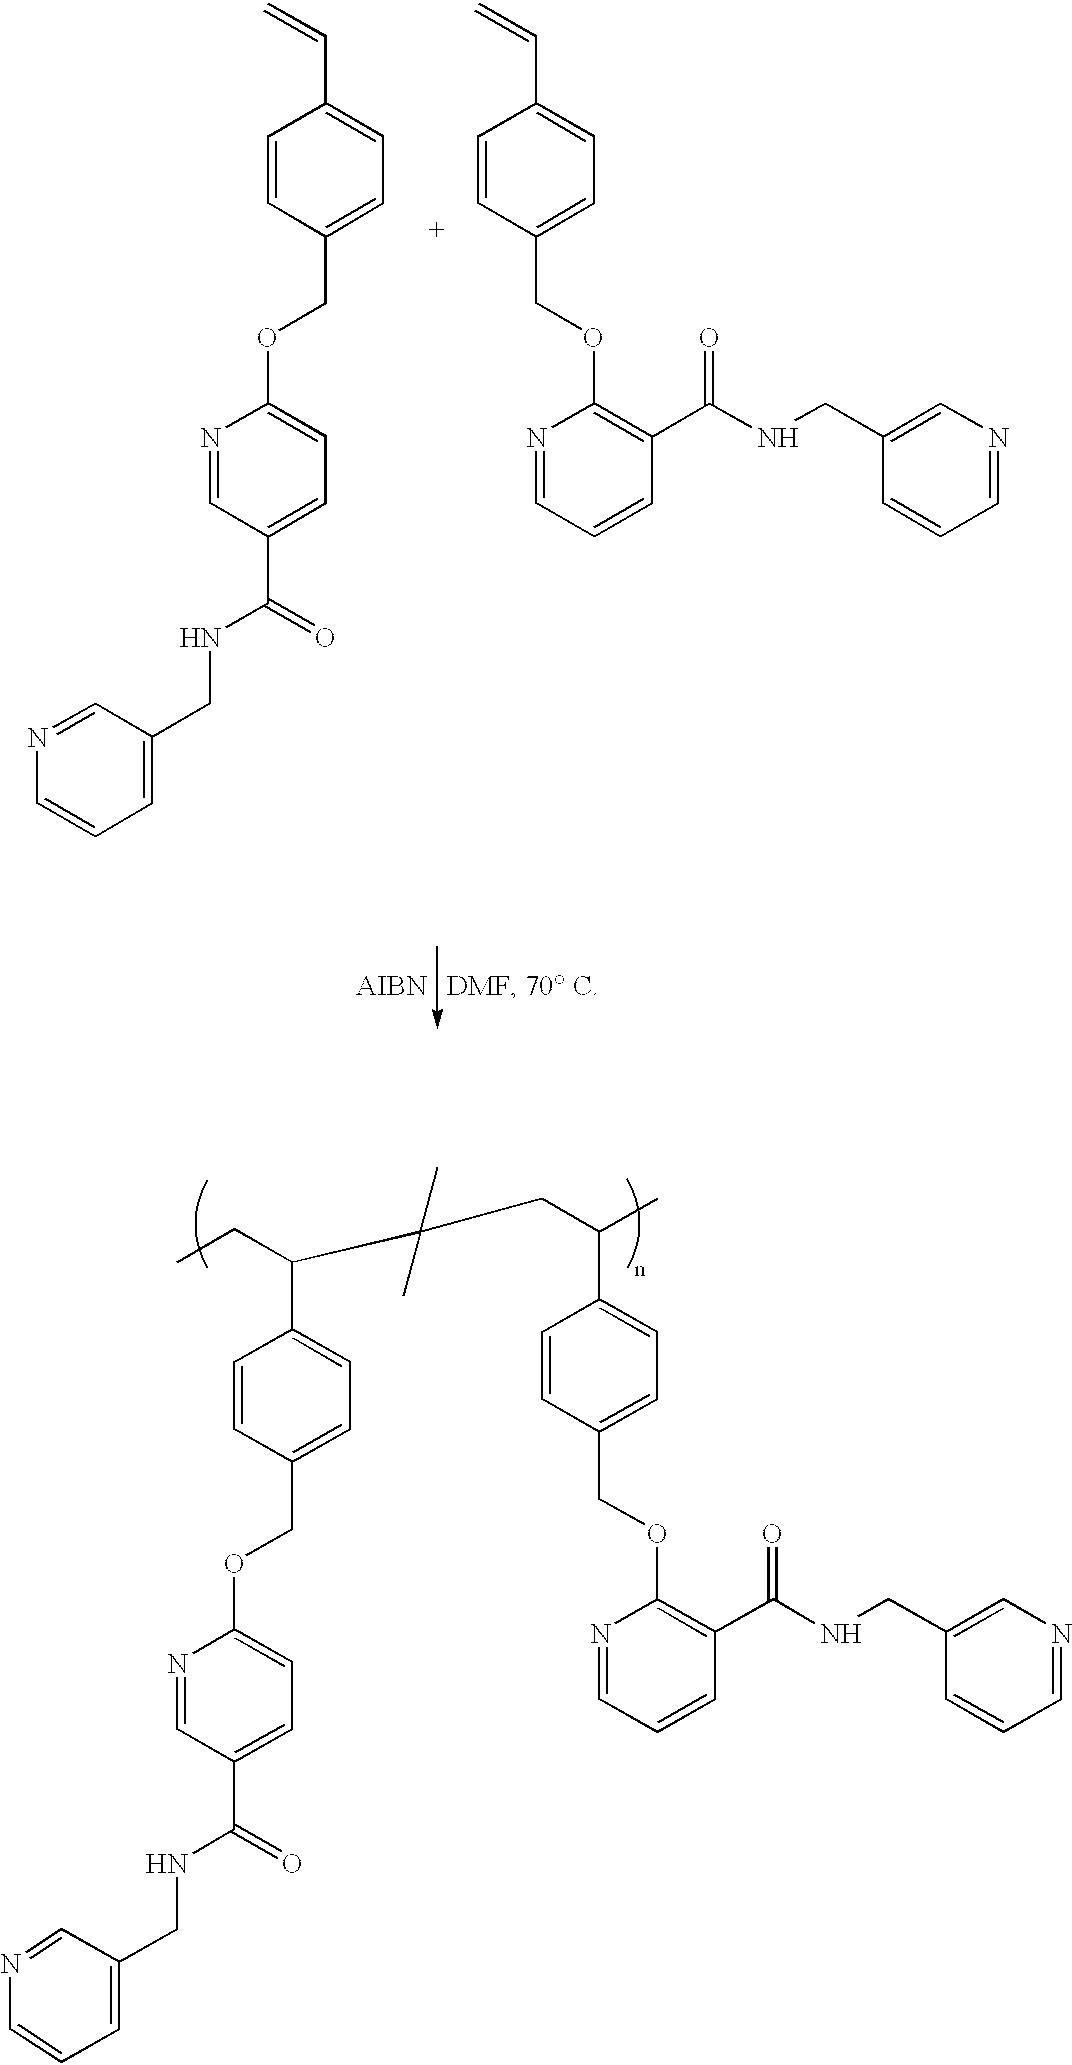 Figure US20030031715A1-20030213-C00071